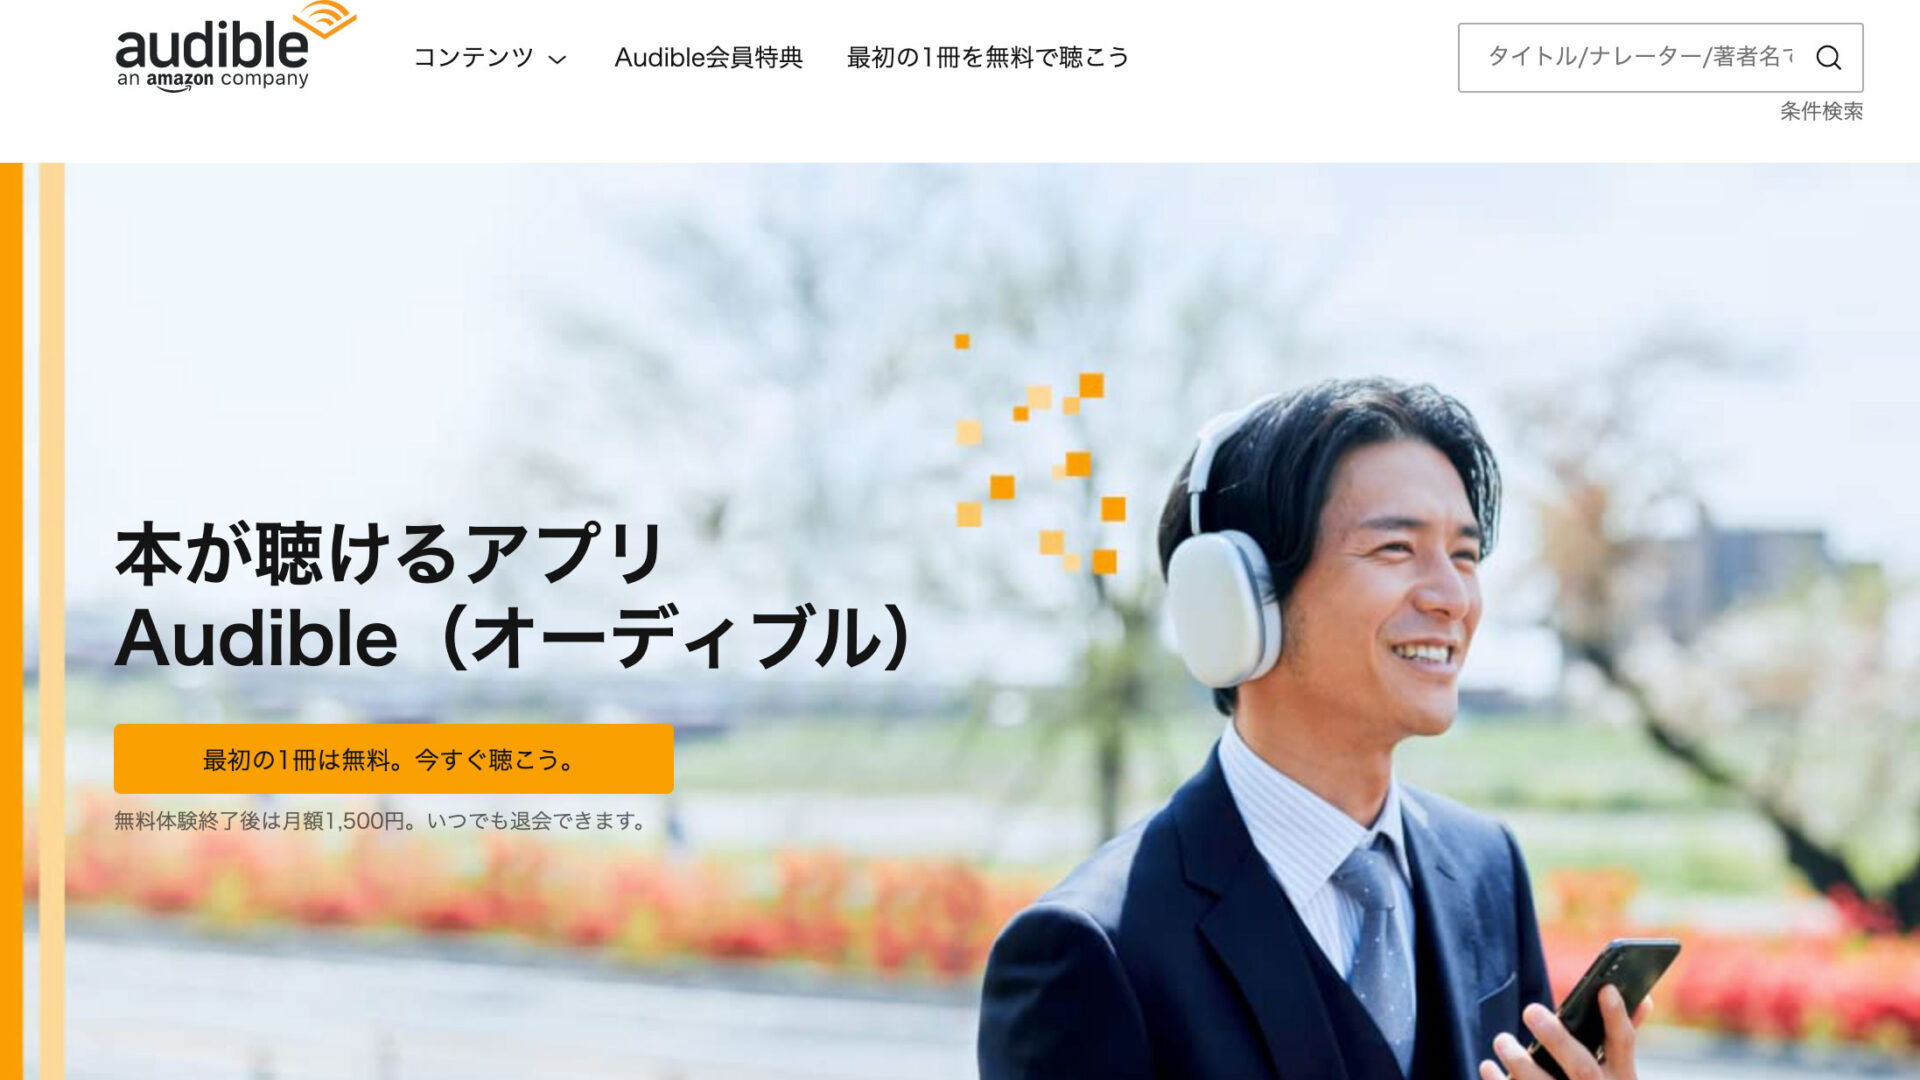 オーディオブックサービス「Audible」を聴きながランで前向きな走りを取り戻そう